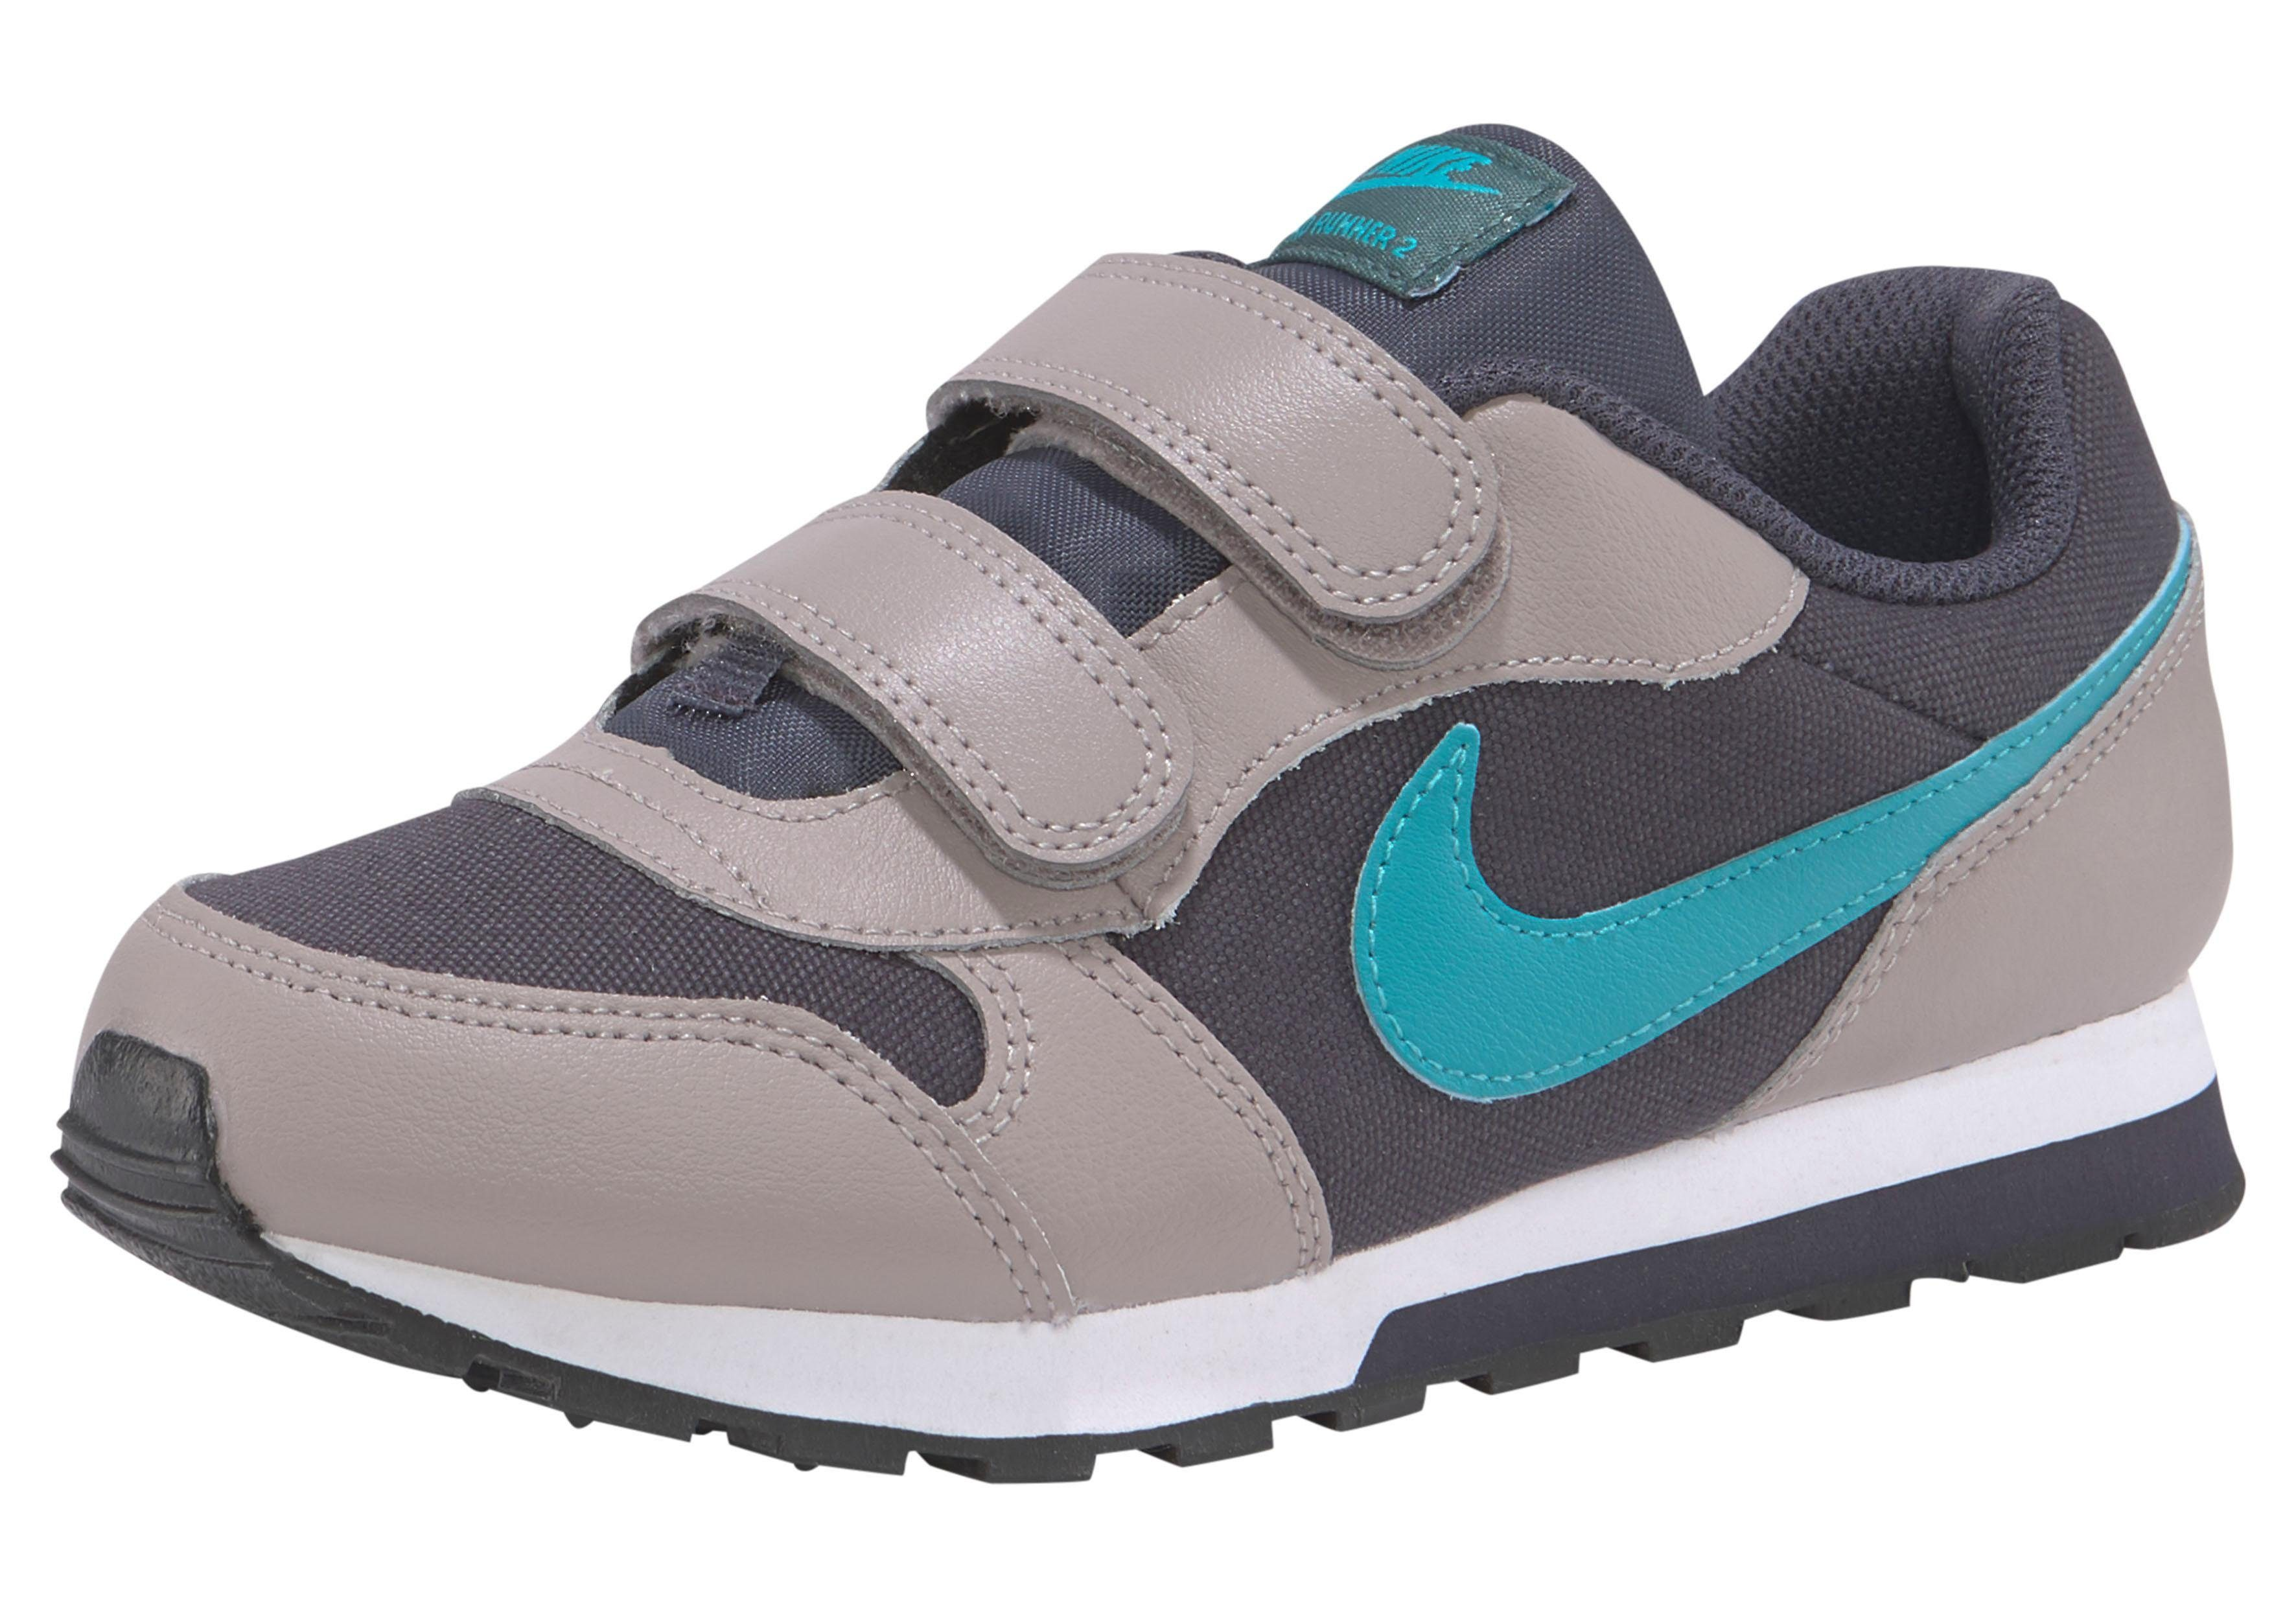 Nike Sportswear »MD Runner 2 (PSV)« Sneaker kaufen   OTTO